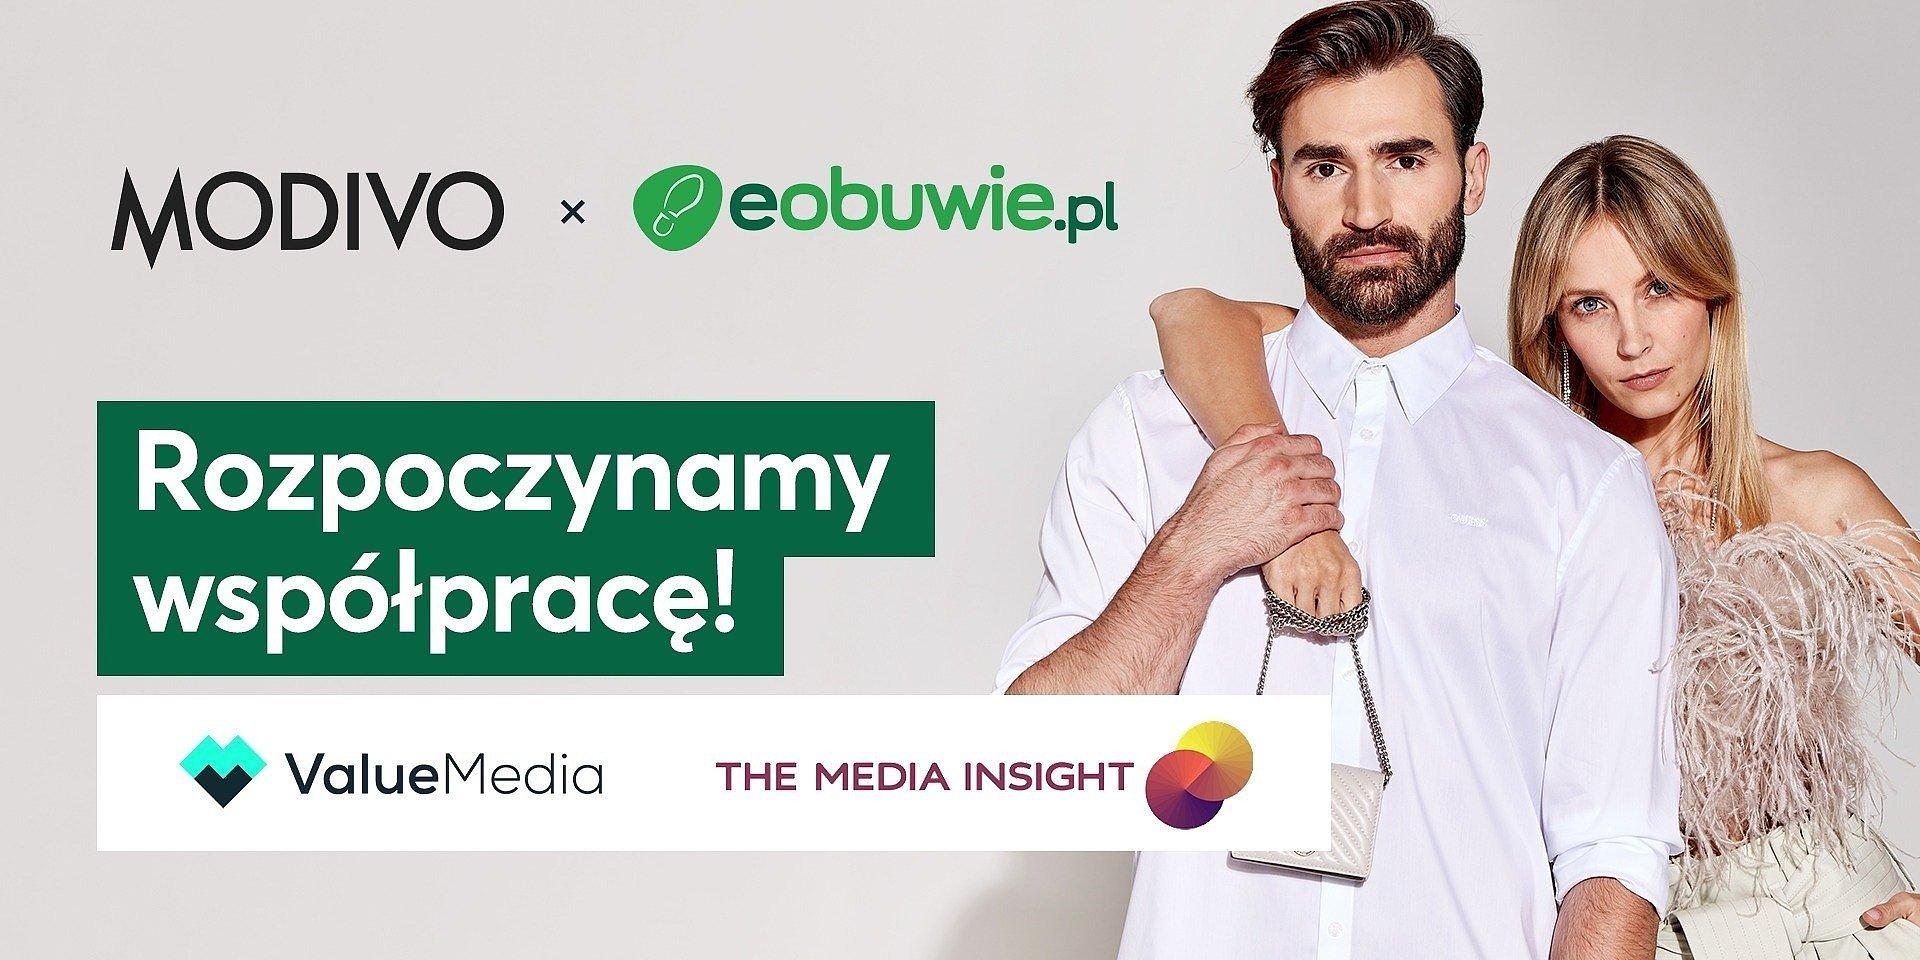 Value Media i Media Insight wygrywają przetarg eobuwie.pl i Modivo